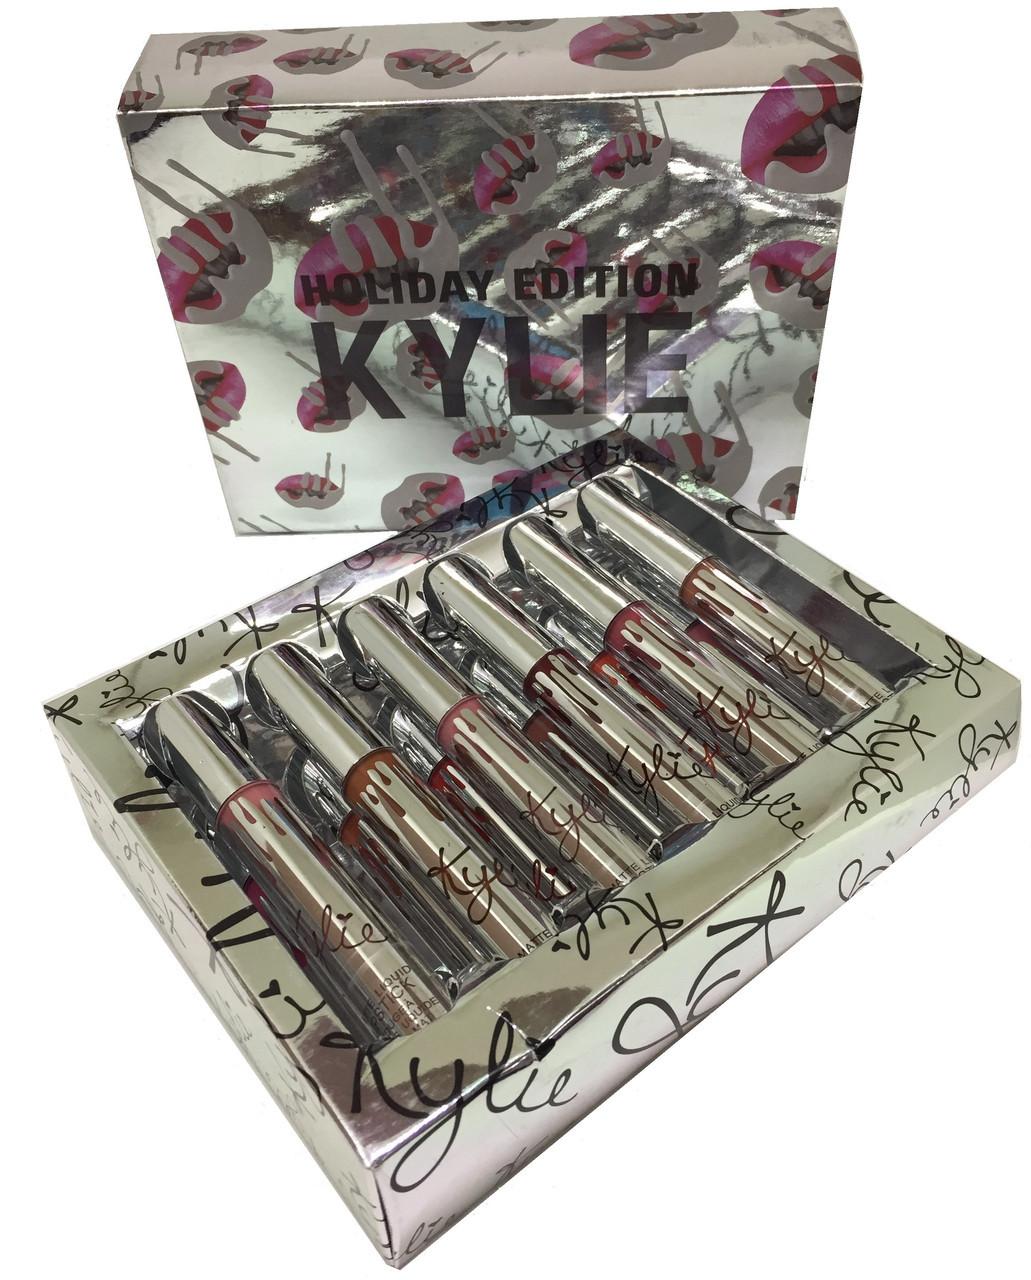 Набор жидких помад Matte Liquid Lipstick Kylie Holiday Edition 12цветов